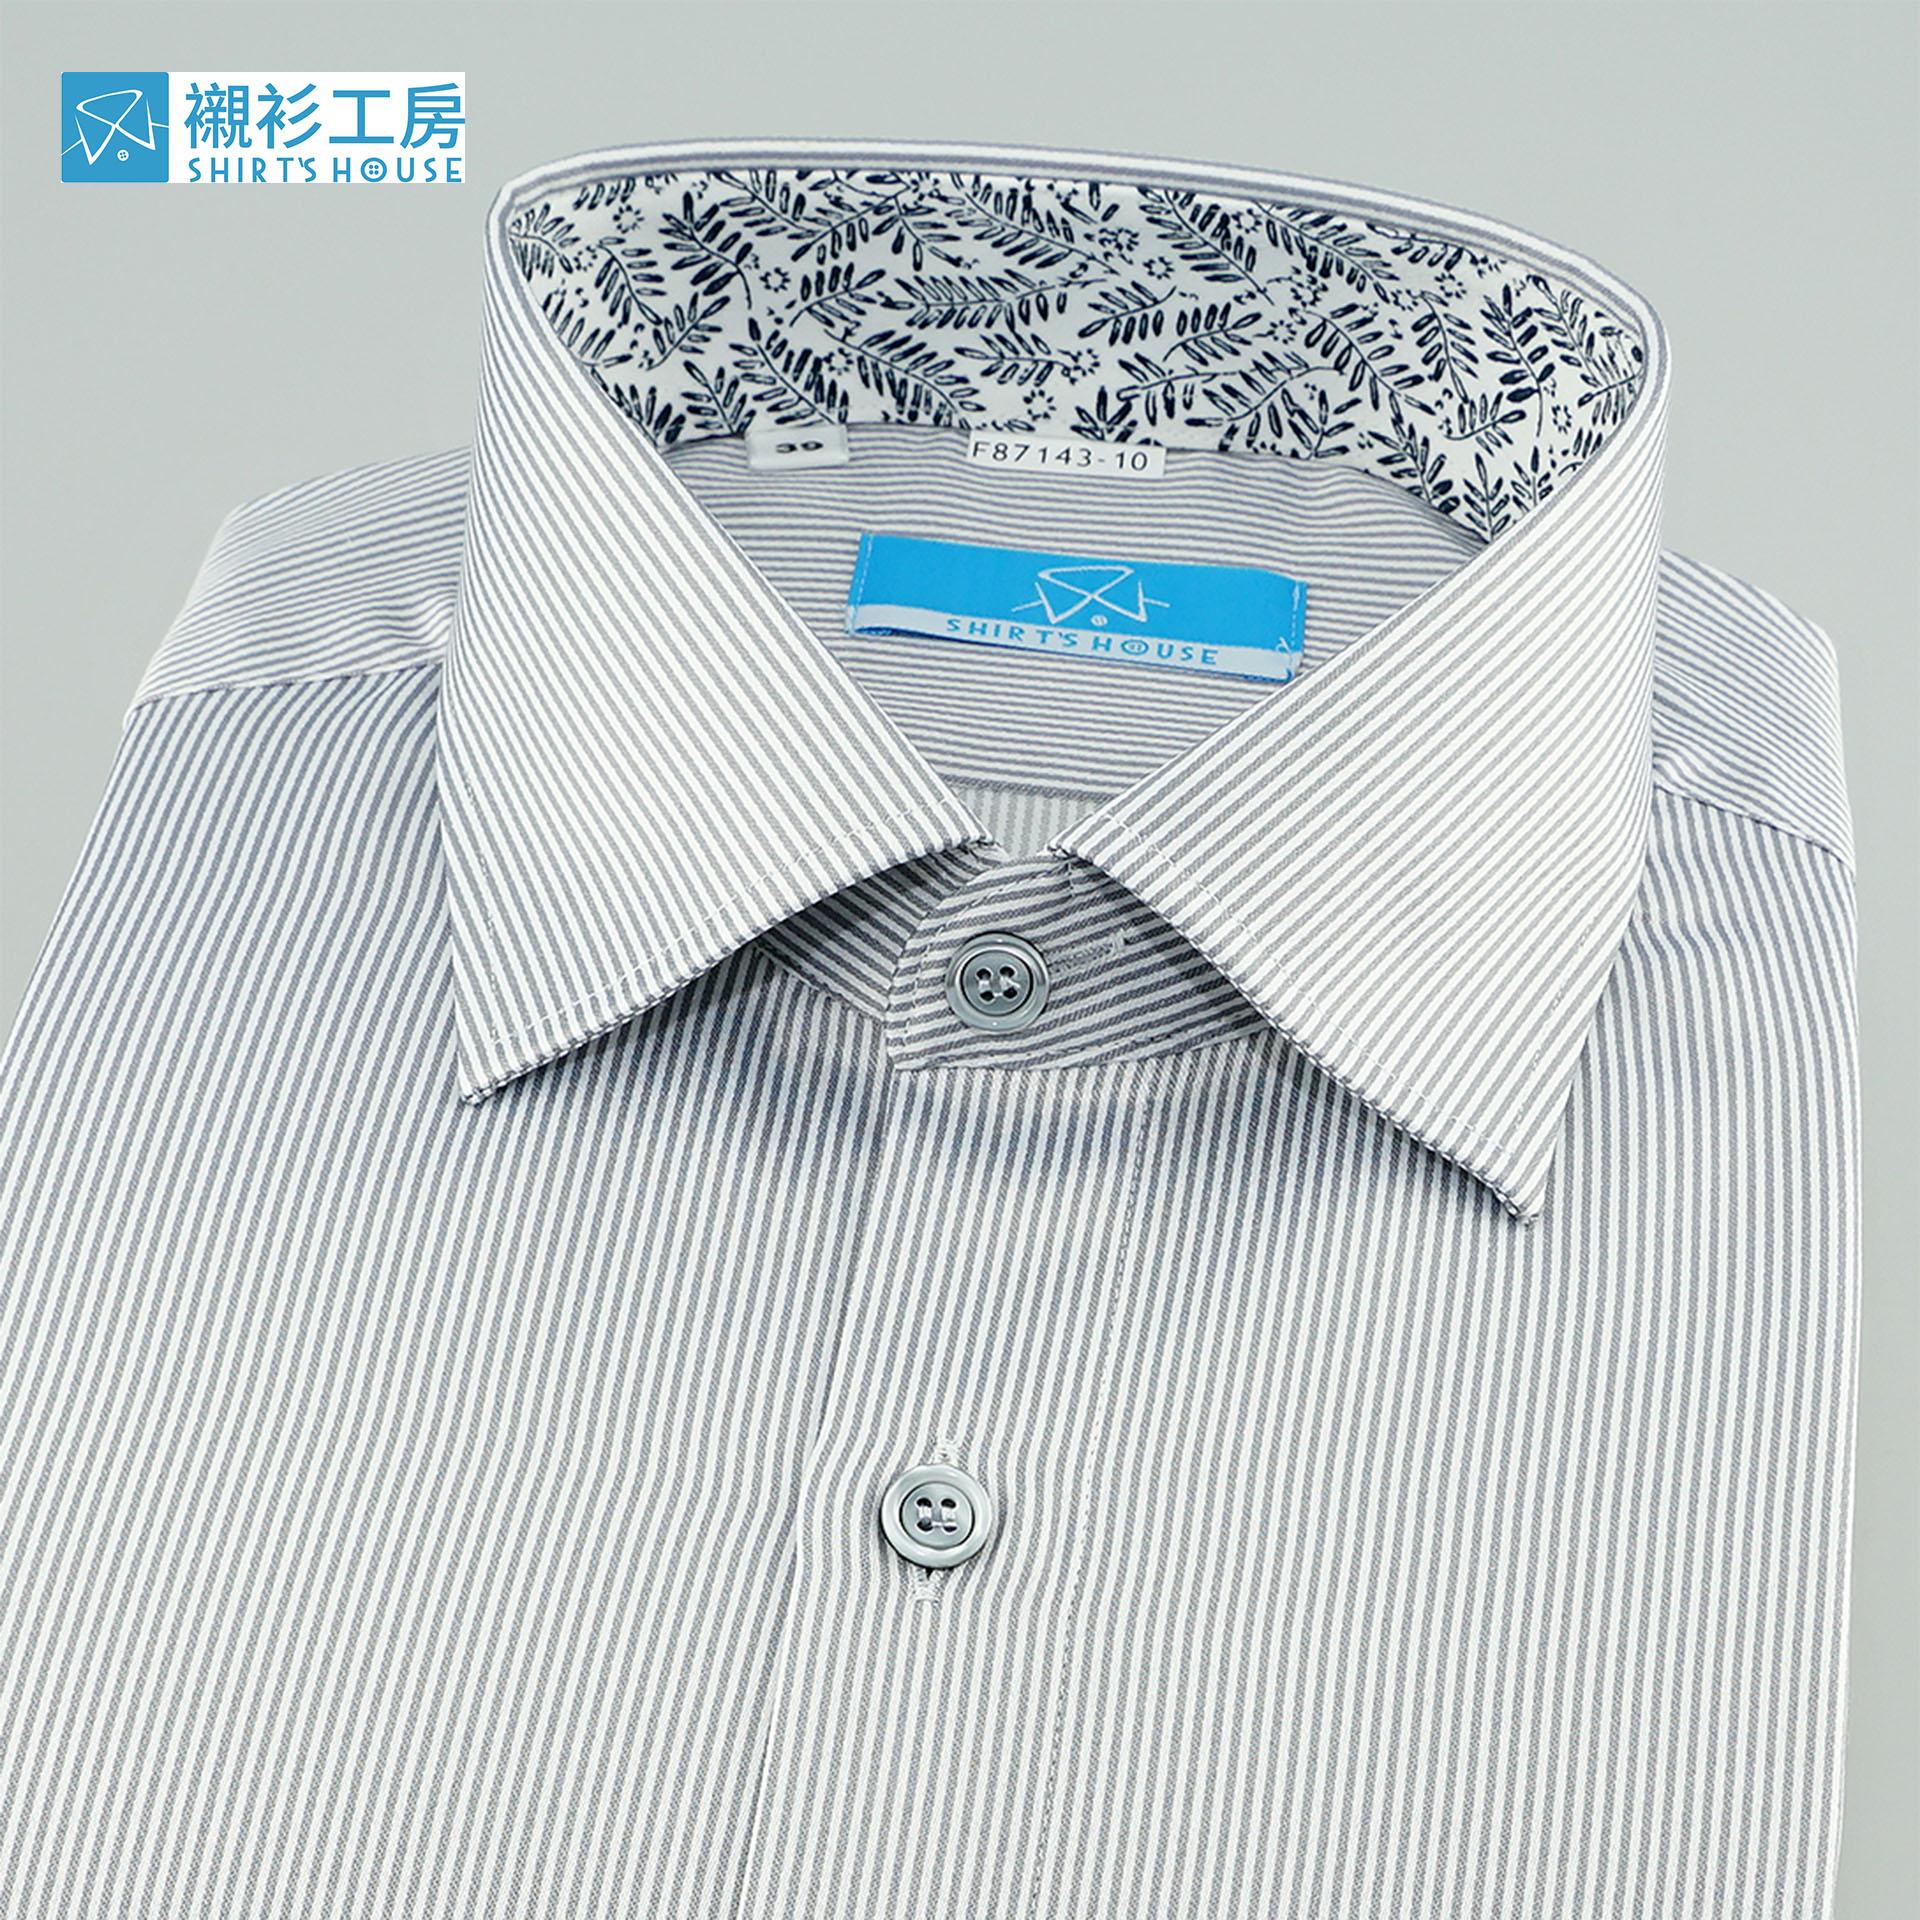 淺灰色細條紋、領座配印花布、低調內斂、老闆樣、合身長袖襯衫87143-10-襯衫工房